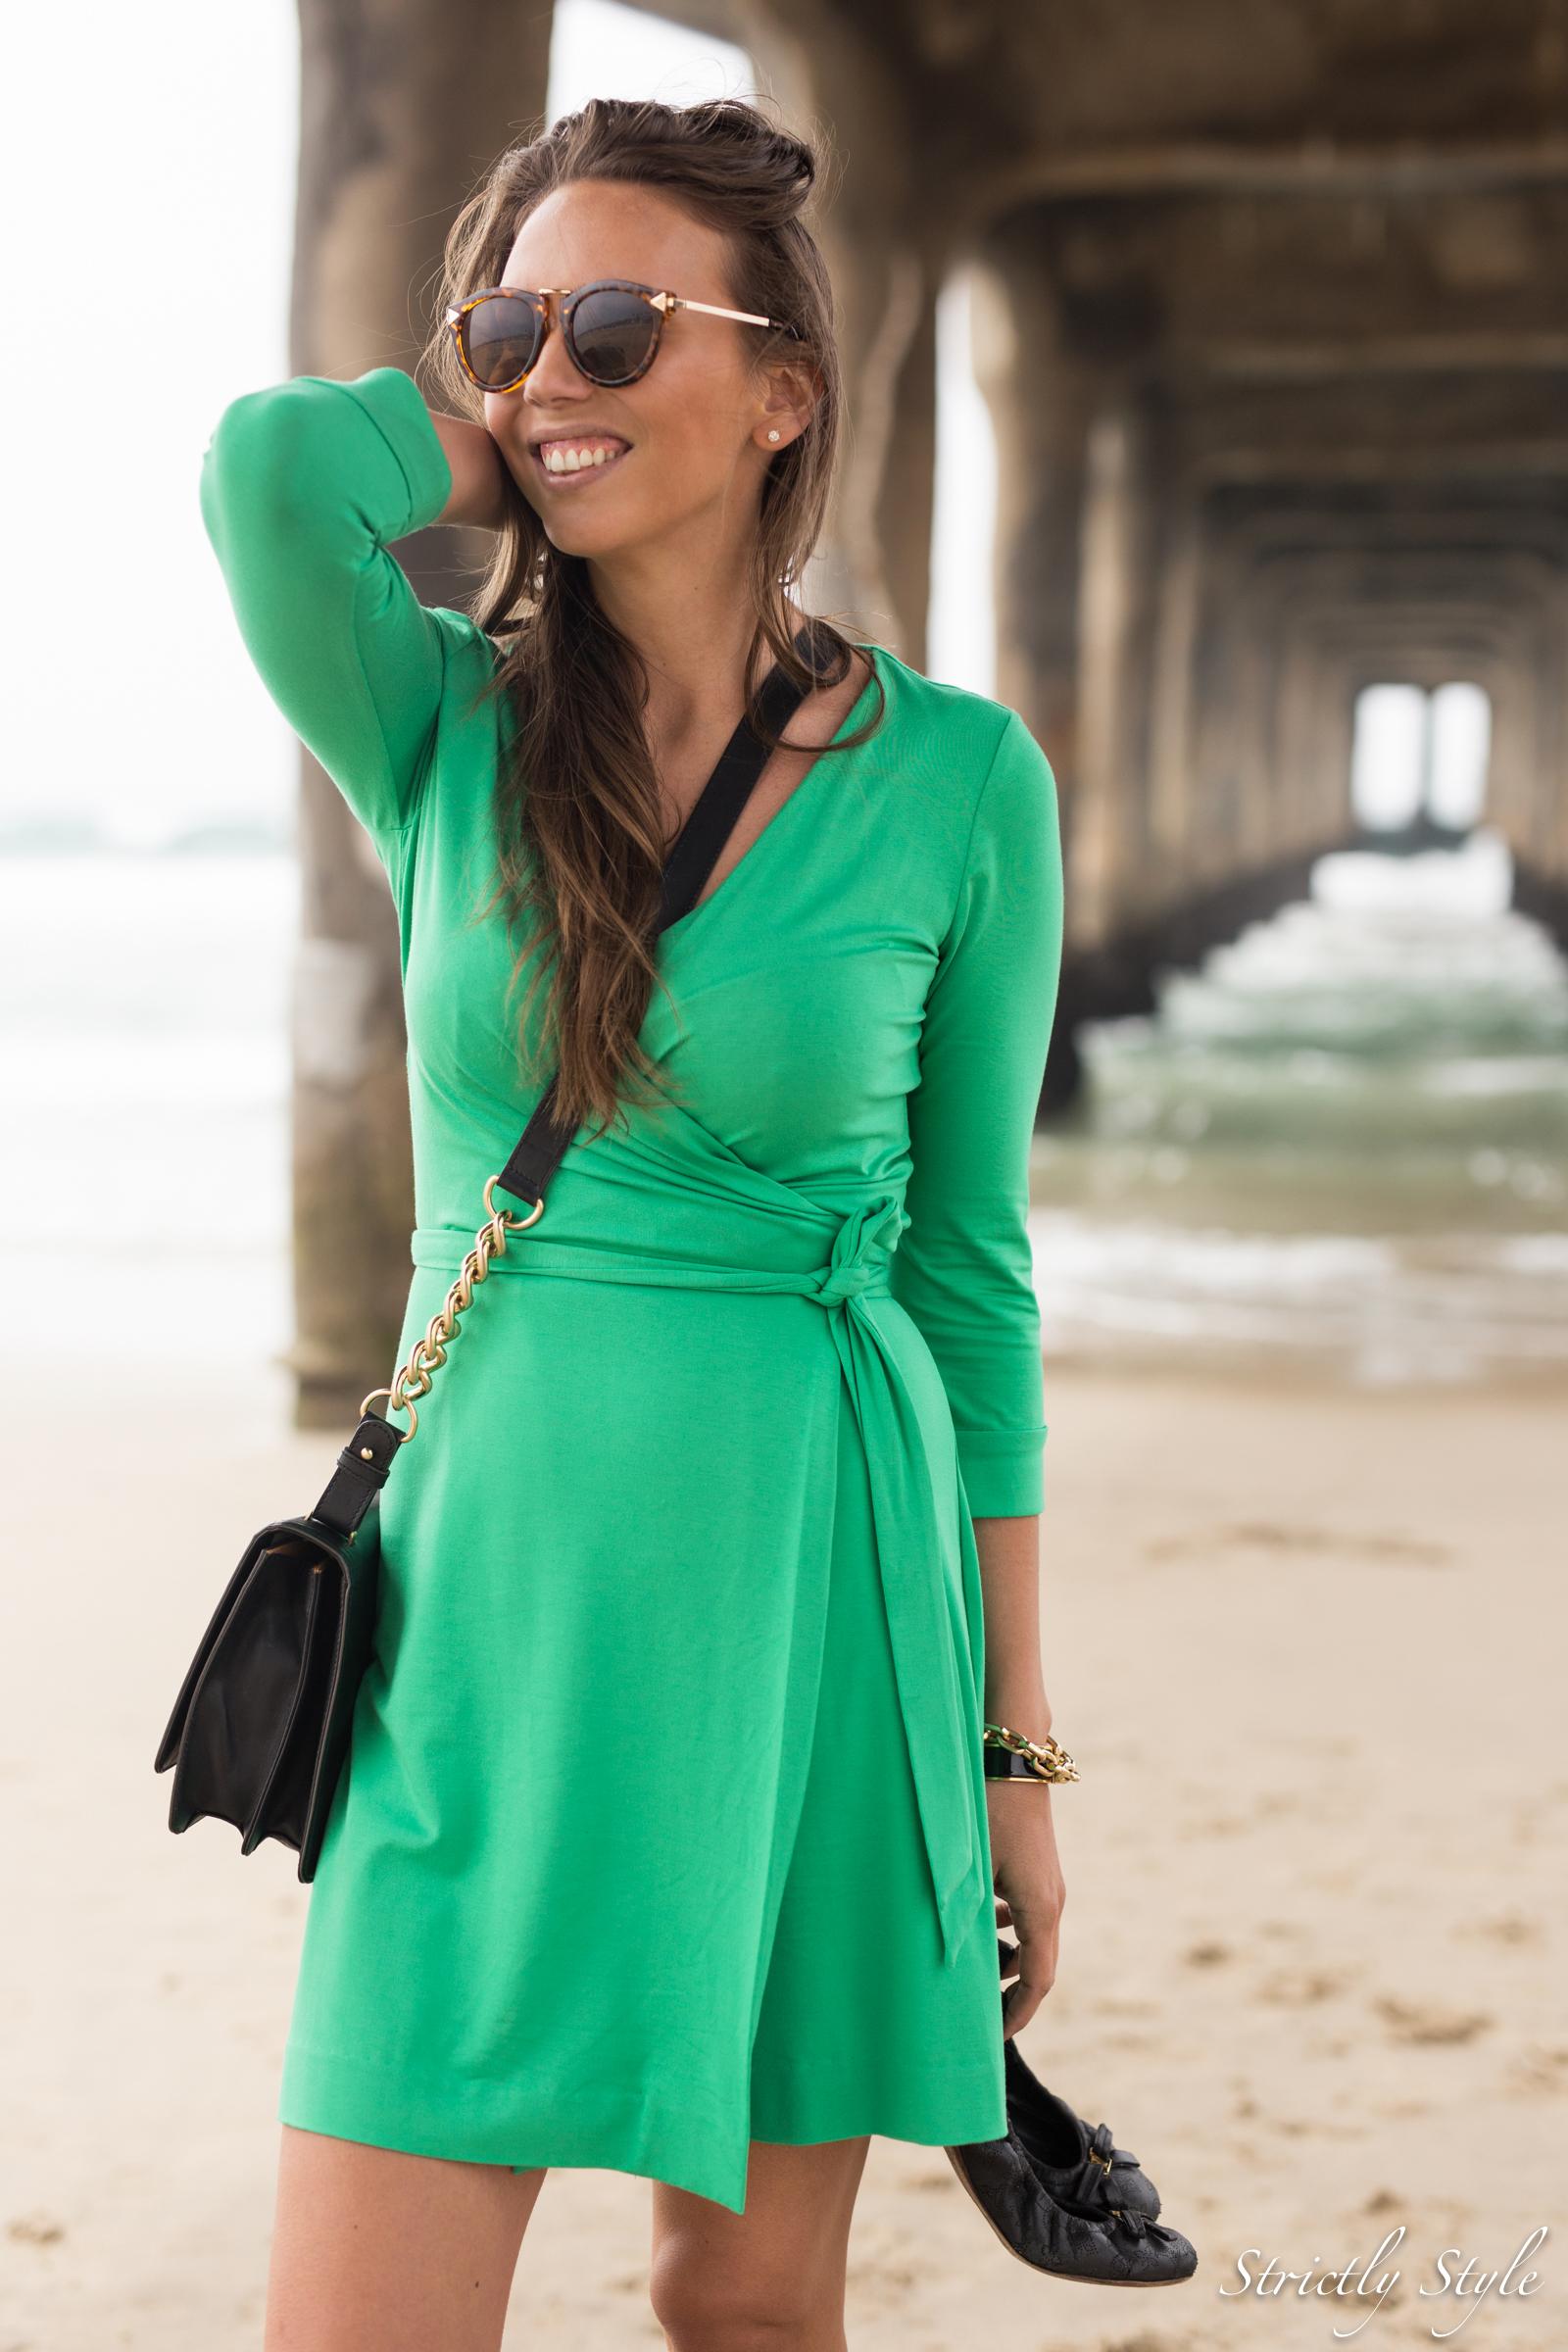 emerald green dvf dress manhattan pier-9549